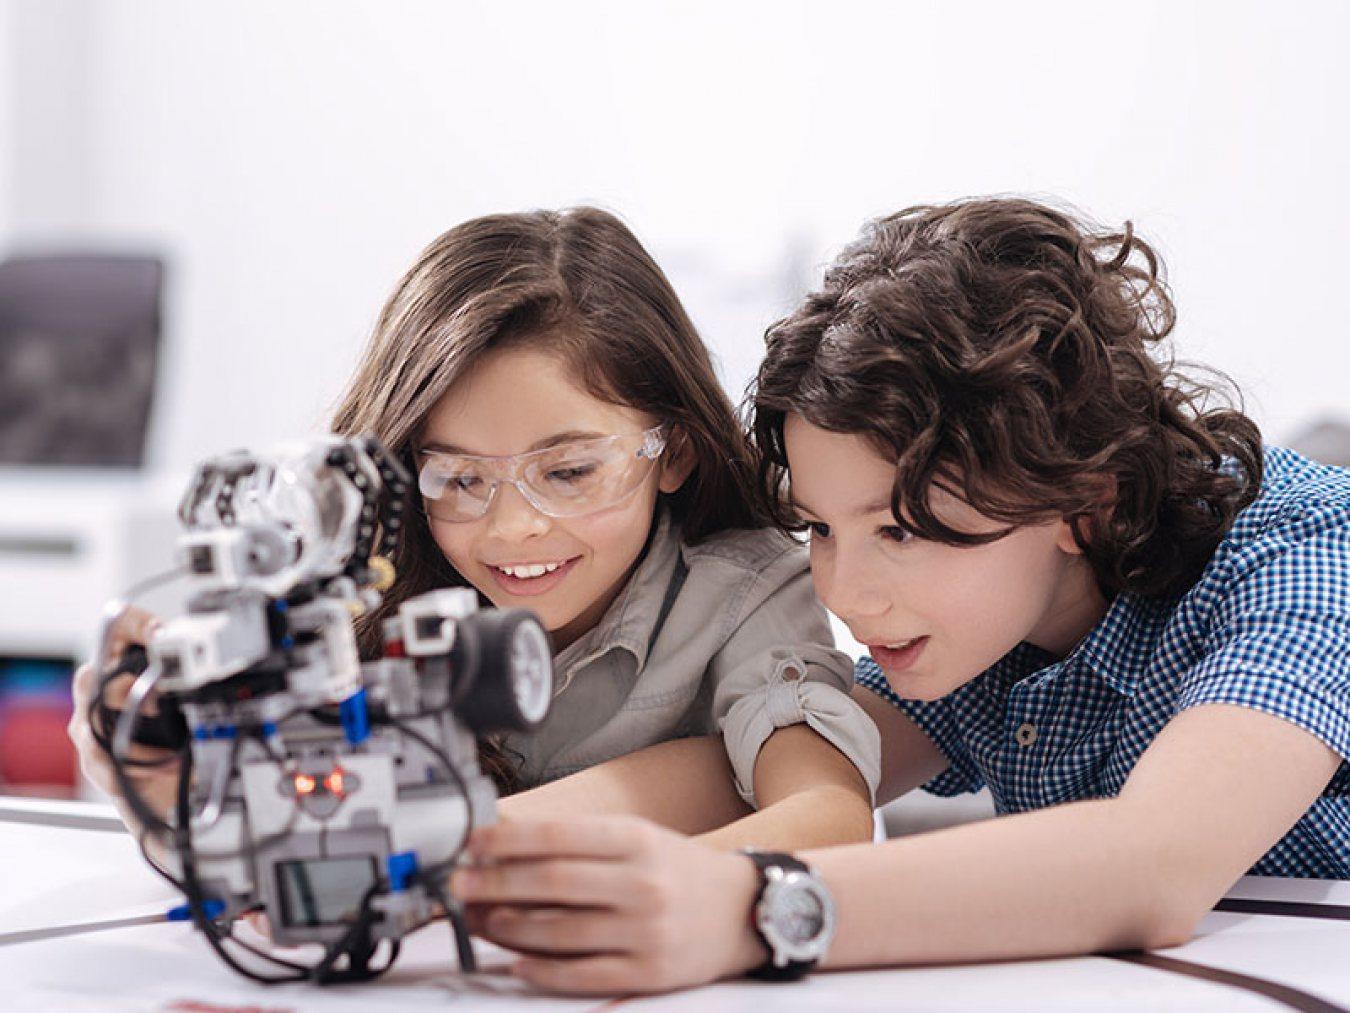 Kids Building a Robot